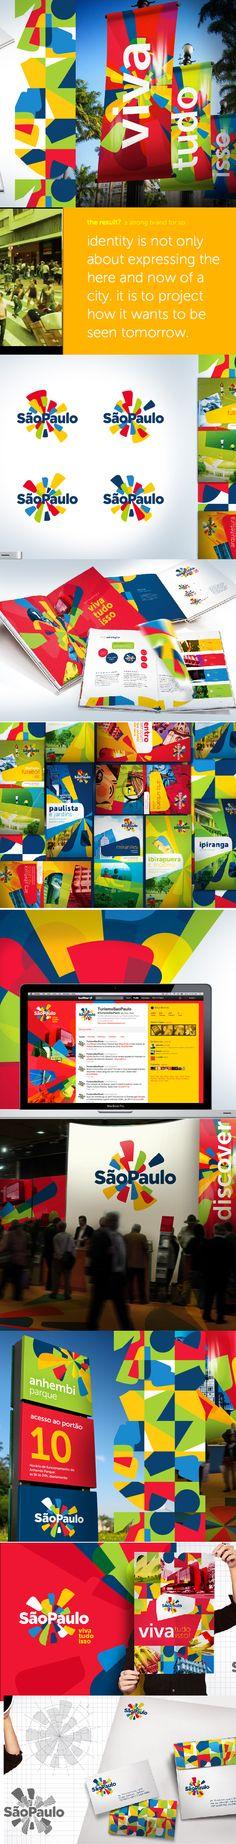 Creación y aplicación de marca.